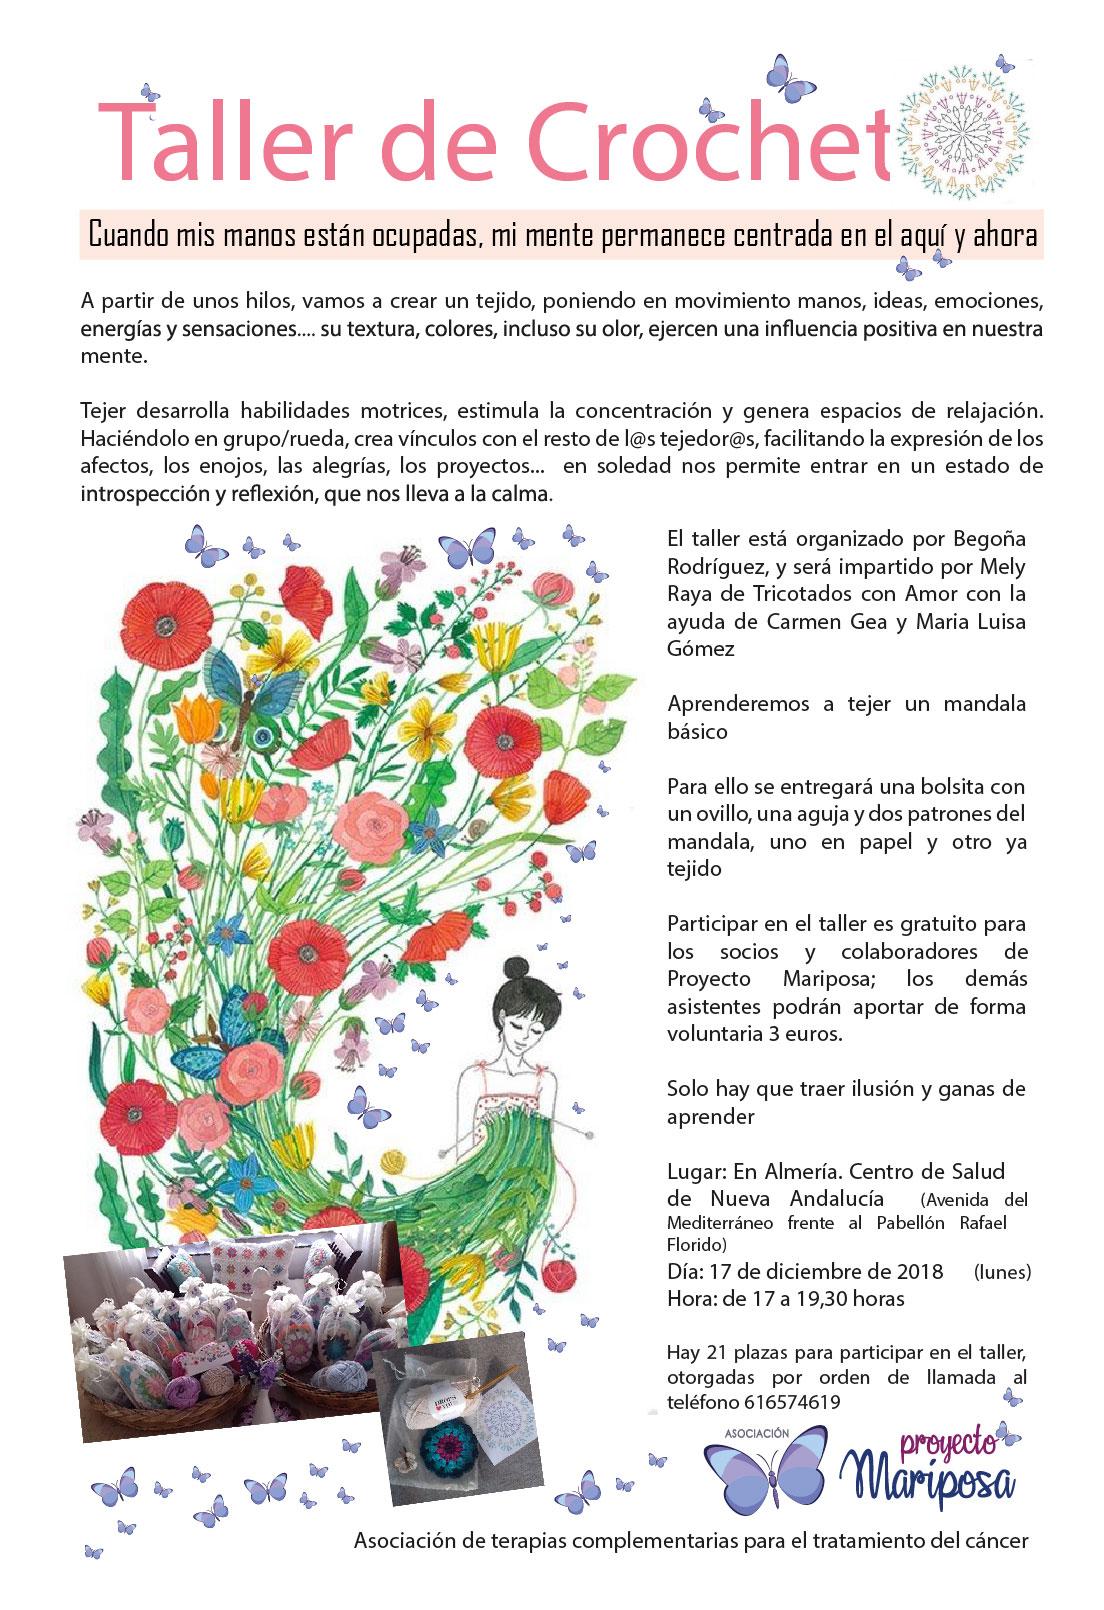 Taller de crochet. Almería – Proyecto Mariposa